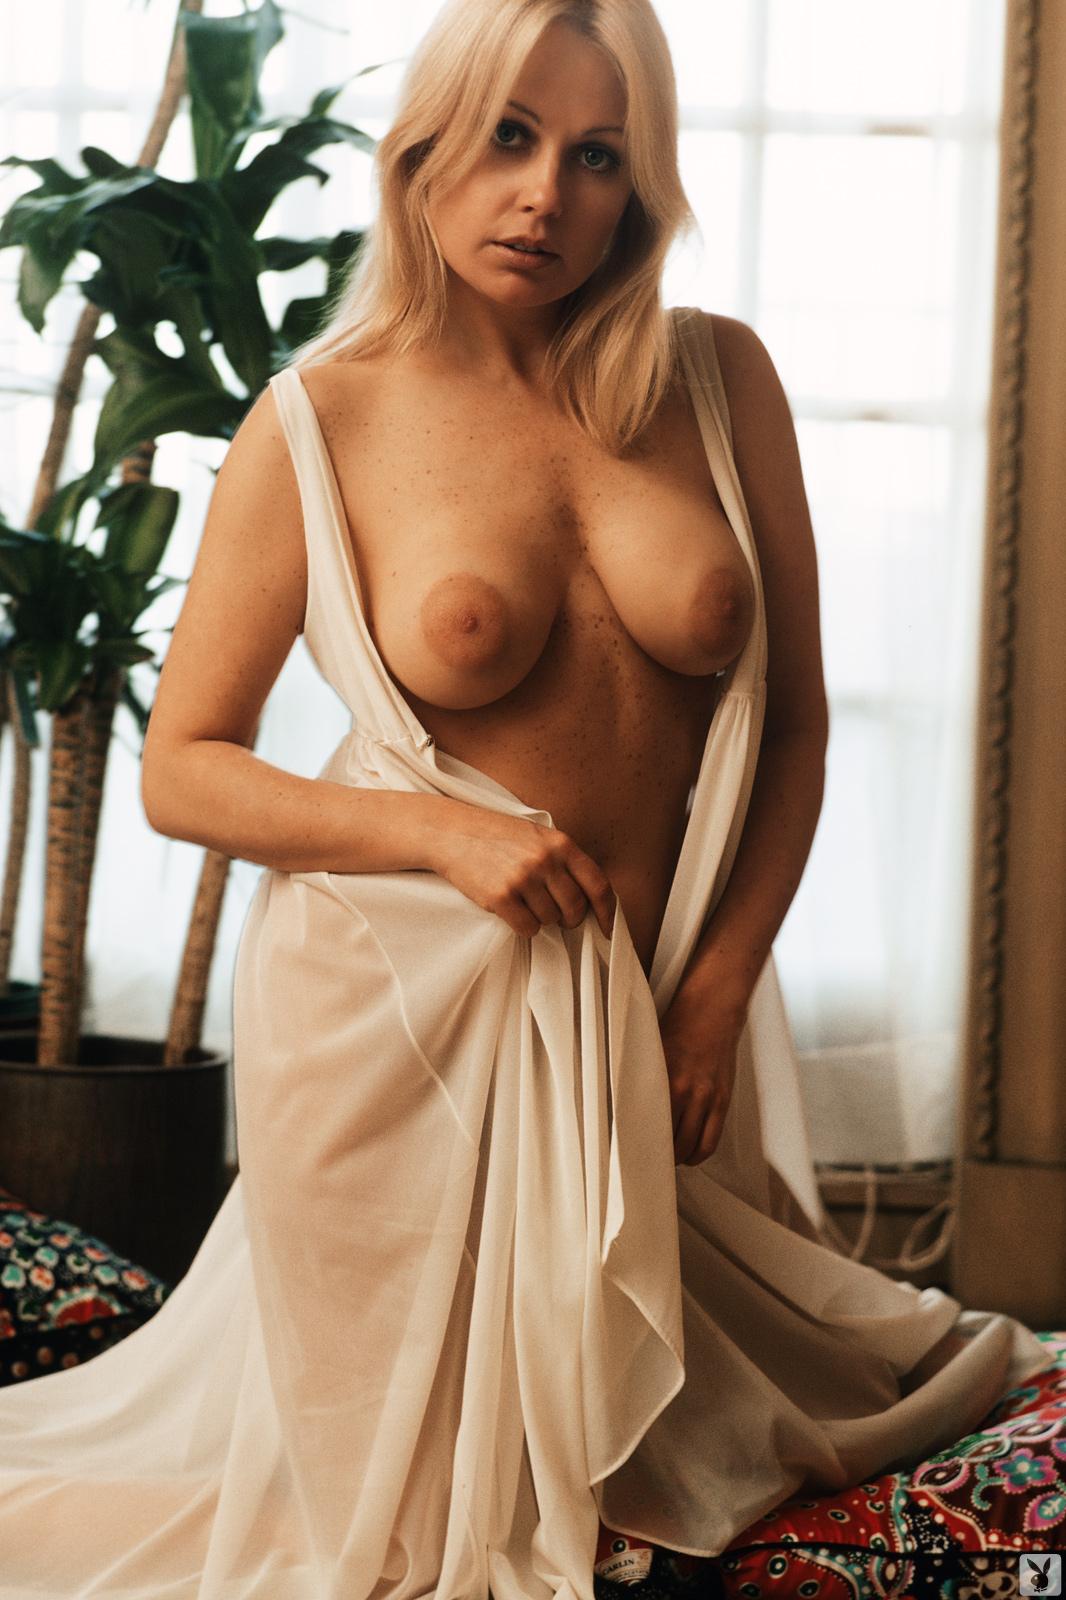 mandee-smith-nude-free-porm-pornstar-videos